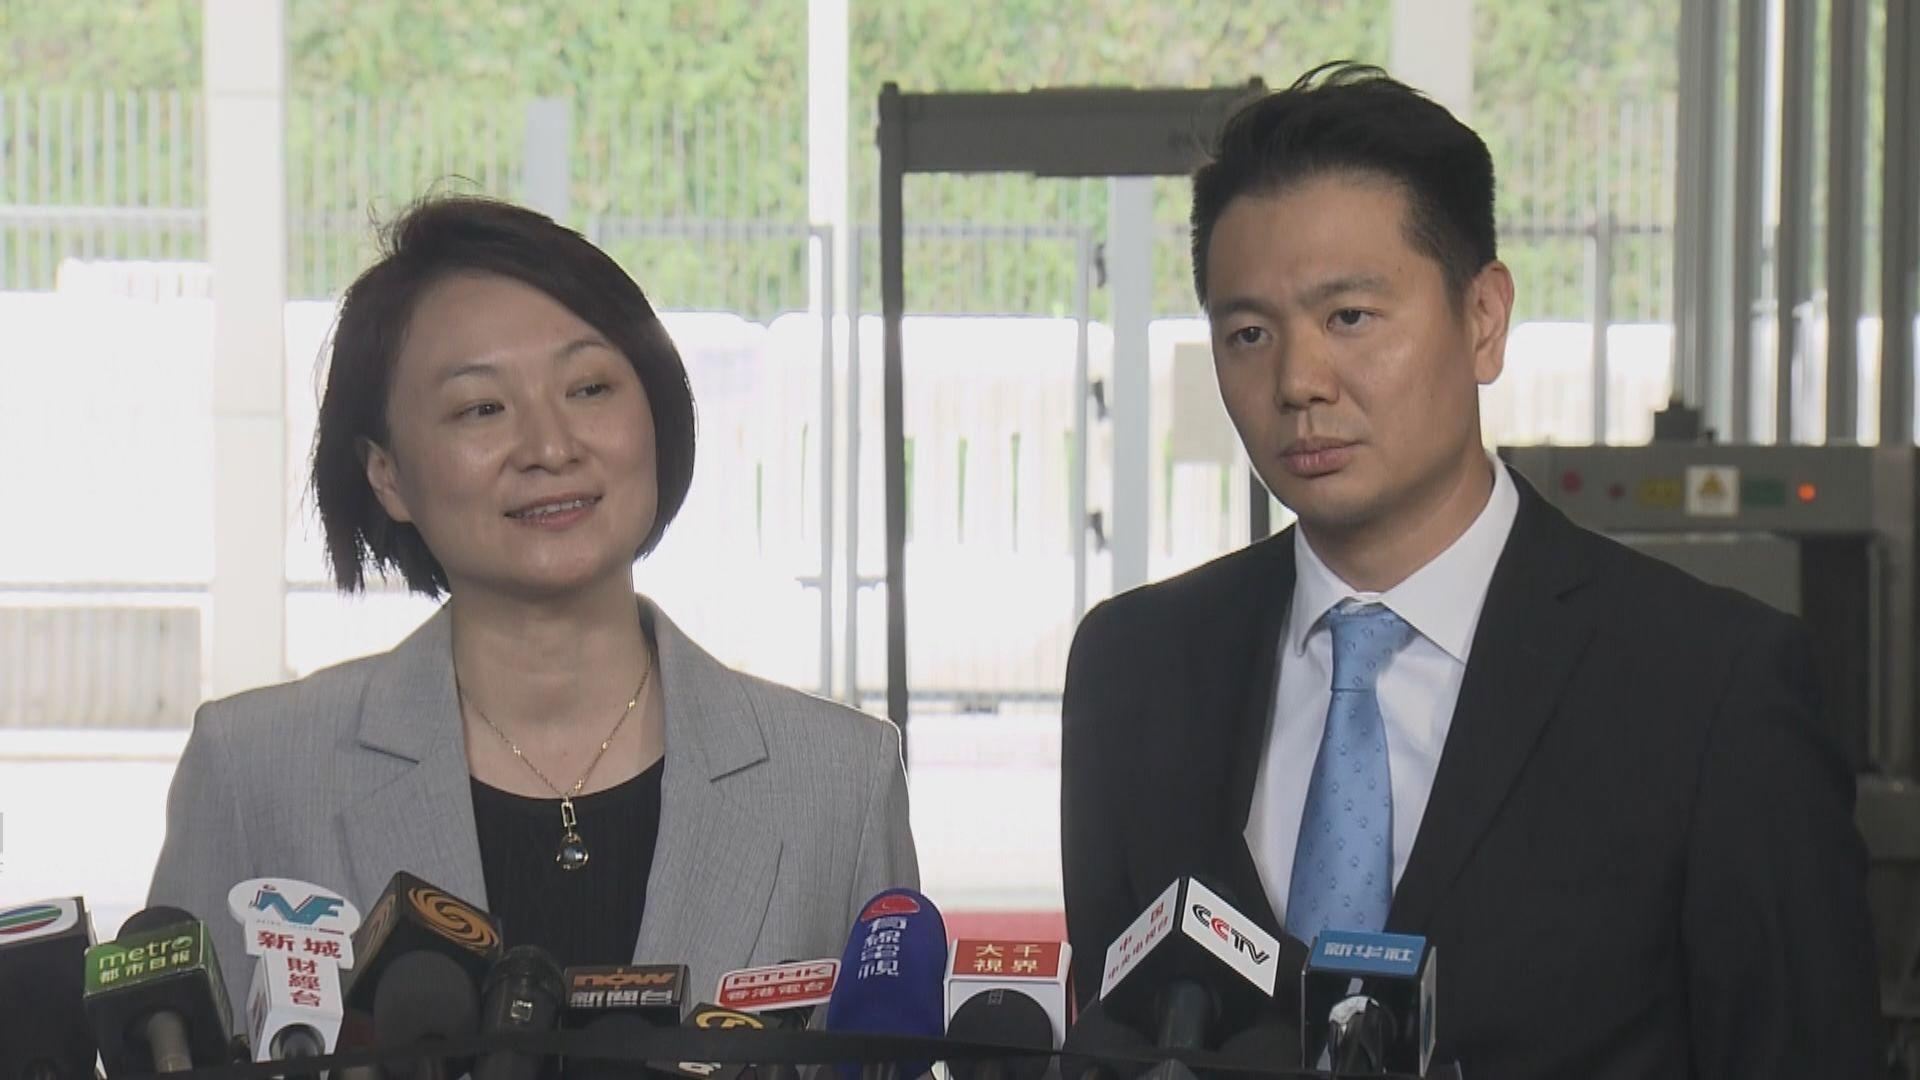 李慧琼:若法案通過不應排除中央有回應措施